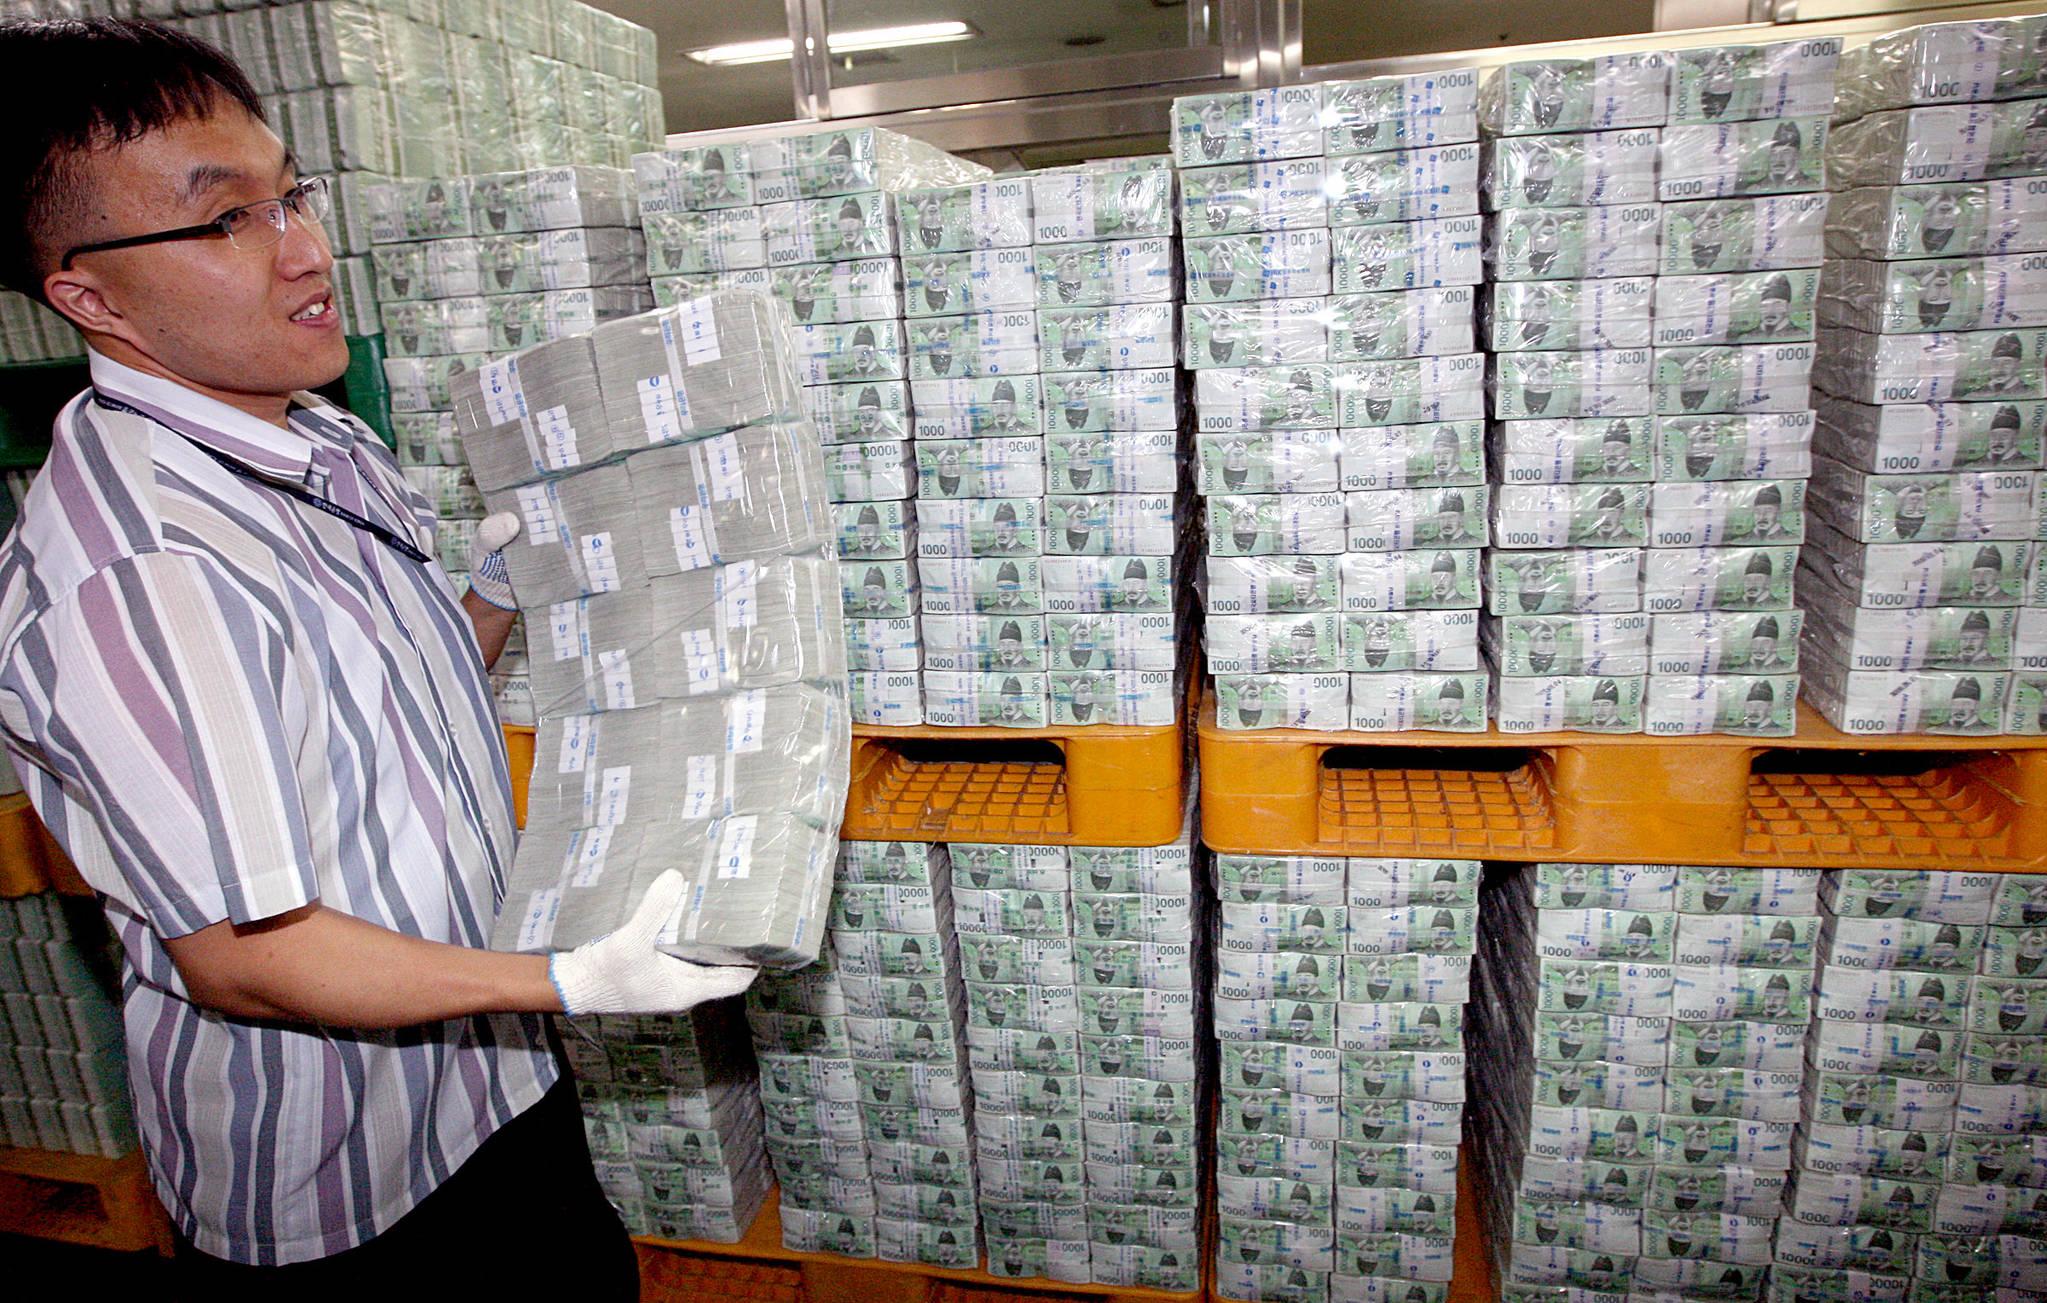 2009년 추석(10월3일)을 앞둔 9월 28일 오전 한국은행 본점에서 관계자들이 시중 은행에 방출될 현금을 운반하고 있다.[연합뉴스]